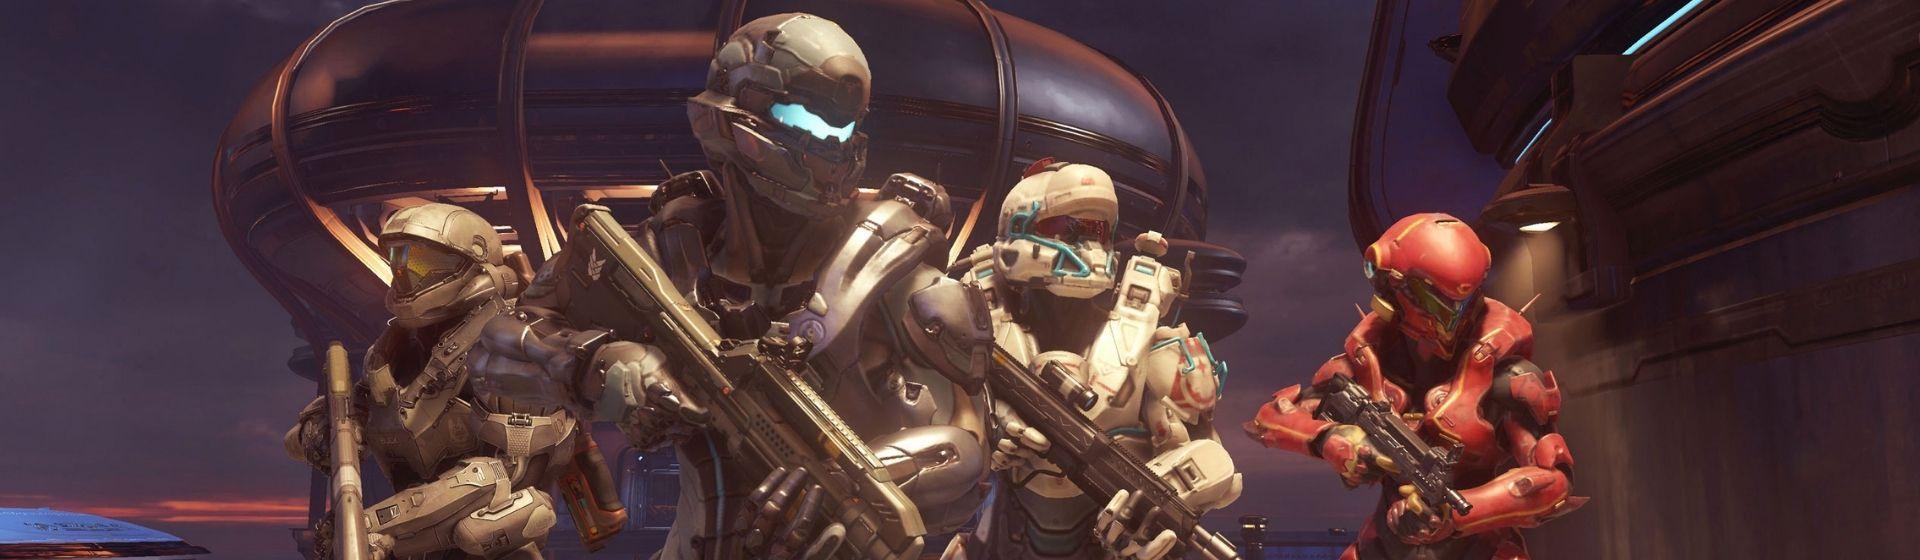 Melhores jogos Xbox One e Series X/S em 2021: 30 opções para comprar